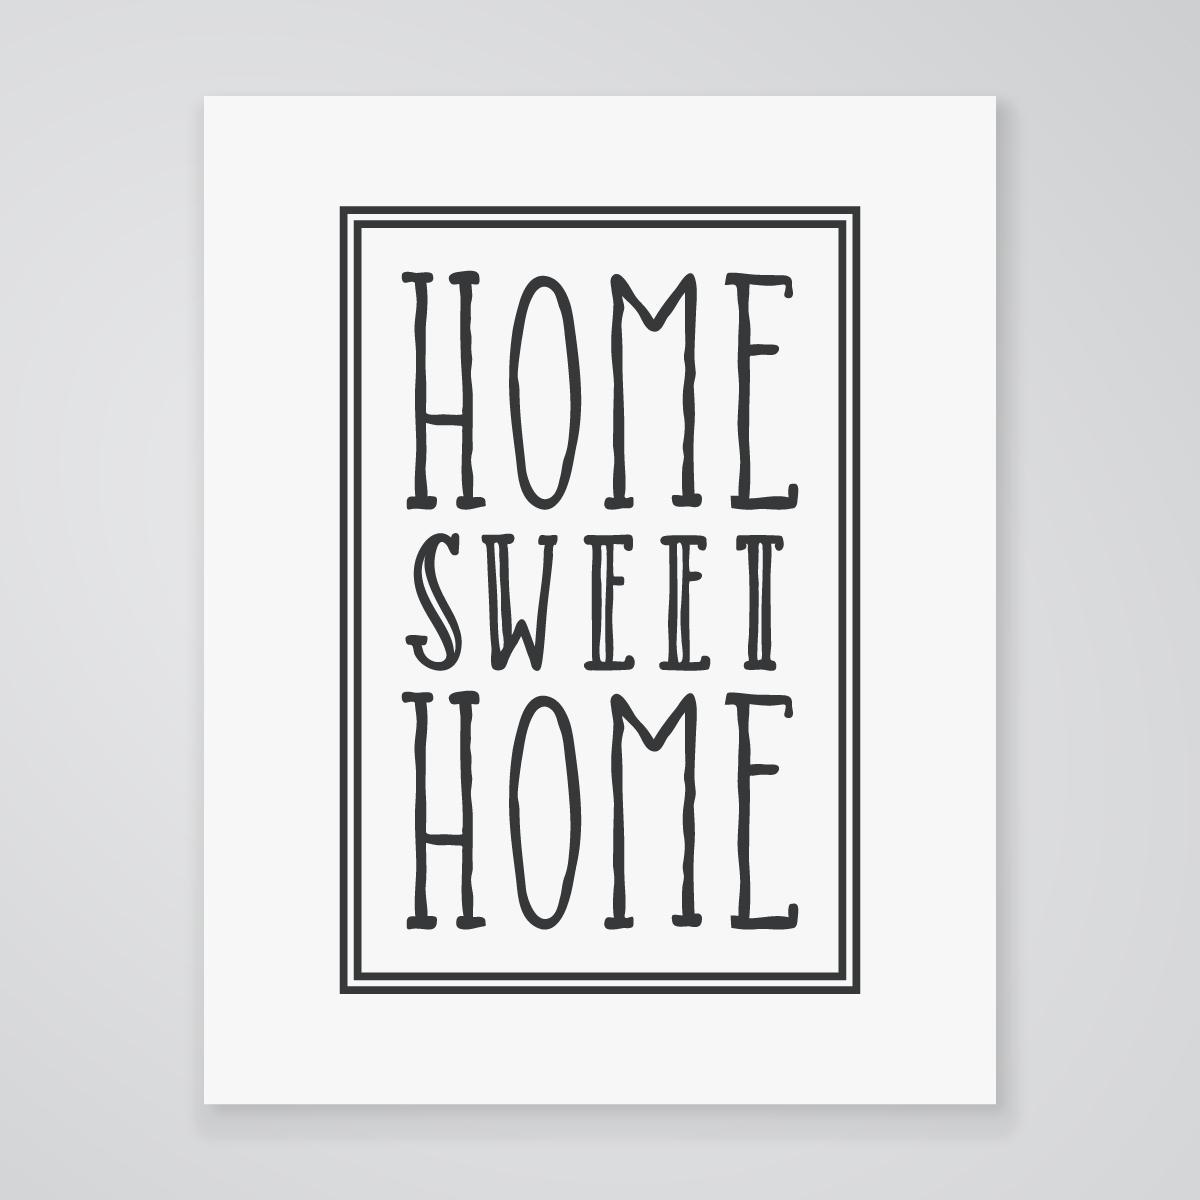 home sweet home art print. Black Bedroom Furniture Sets. Home Design Ideas